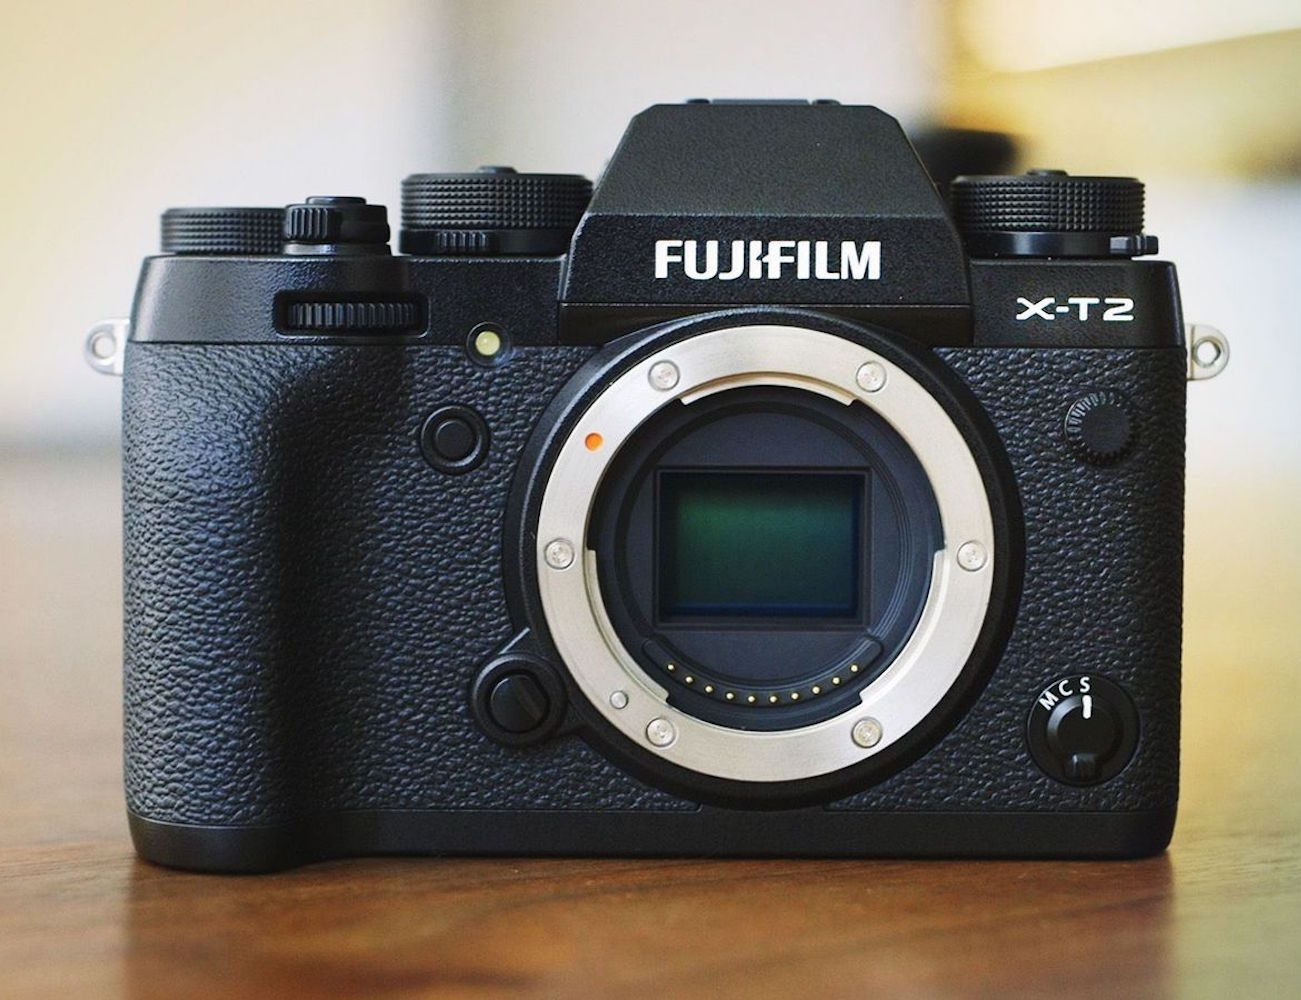 FUJIFILM+X-T2+4K+Camera